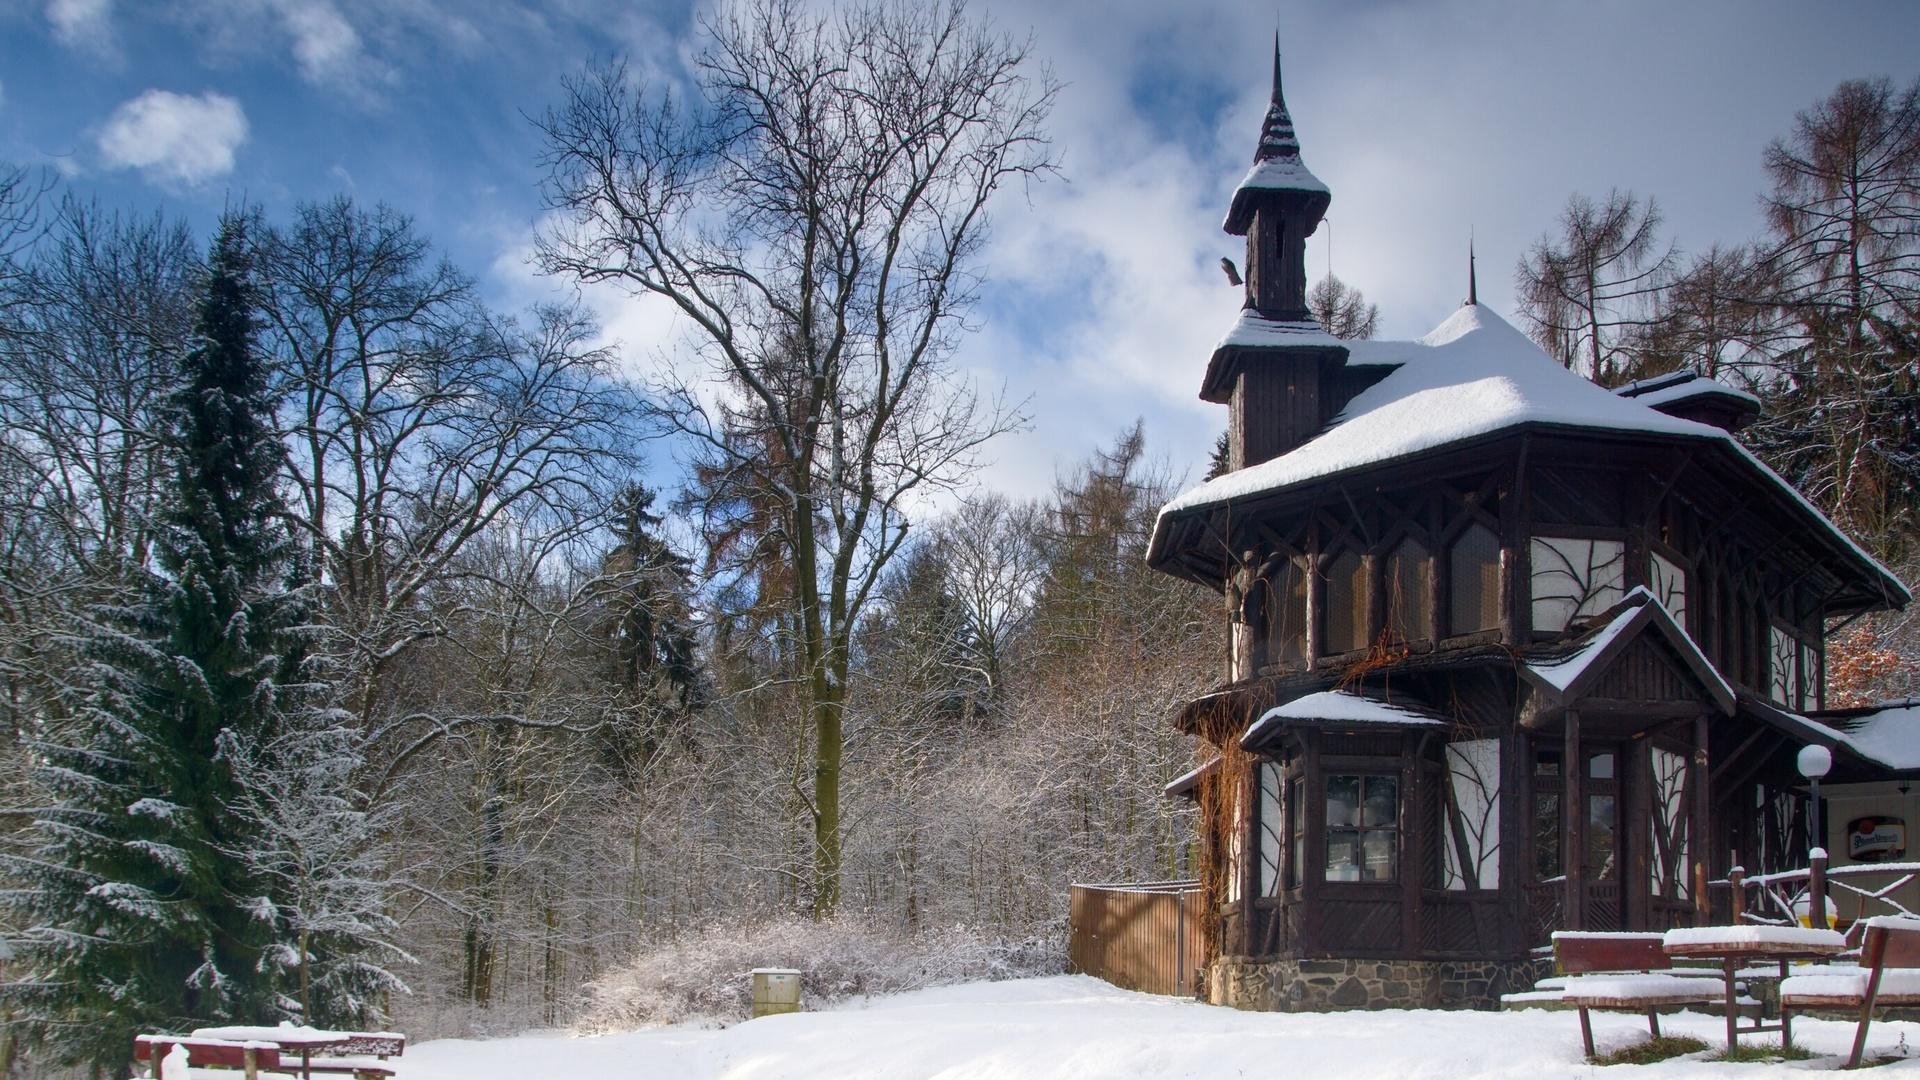 Чехия, богемия, природа, пейзаж, лес, деревья, зима, снег, дом, кафе, столики